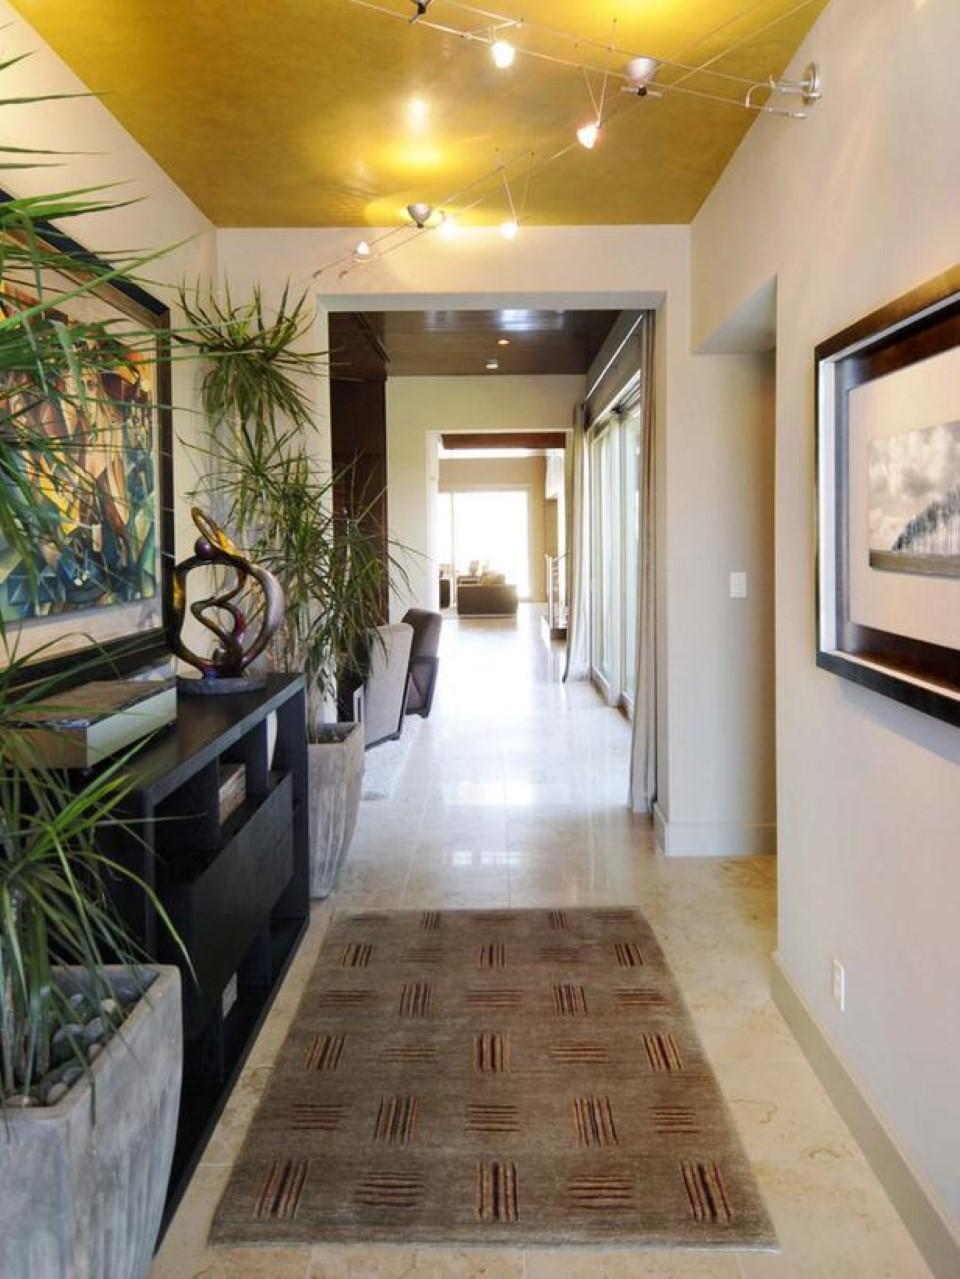 køle-syltet-indendørs-plante-udsmykning-og-moderne-loft-hallway-belysning-ideer-plus-rektangulære-tæppe-eller-sort-skænk